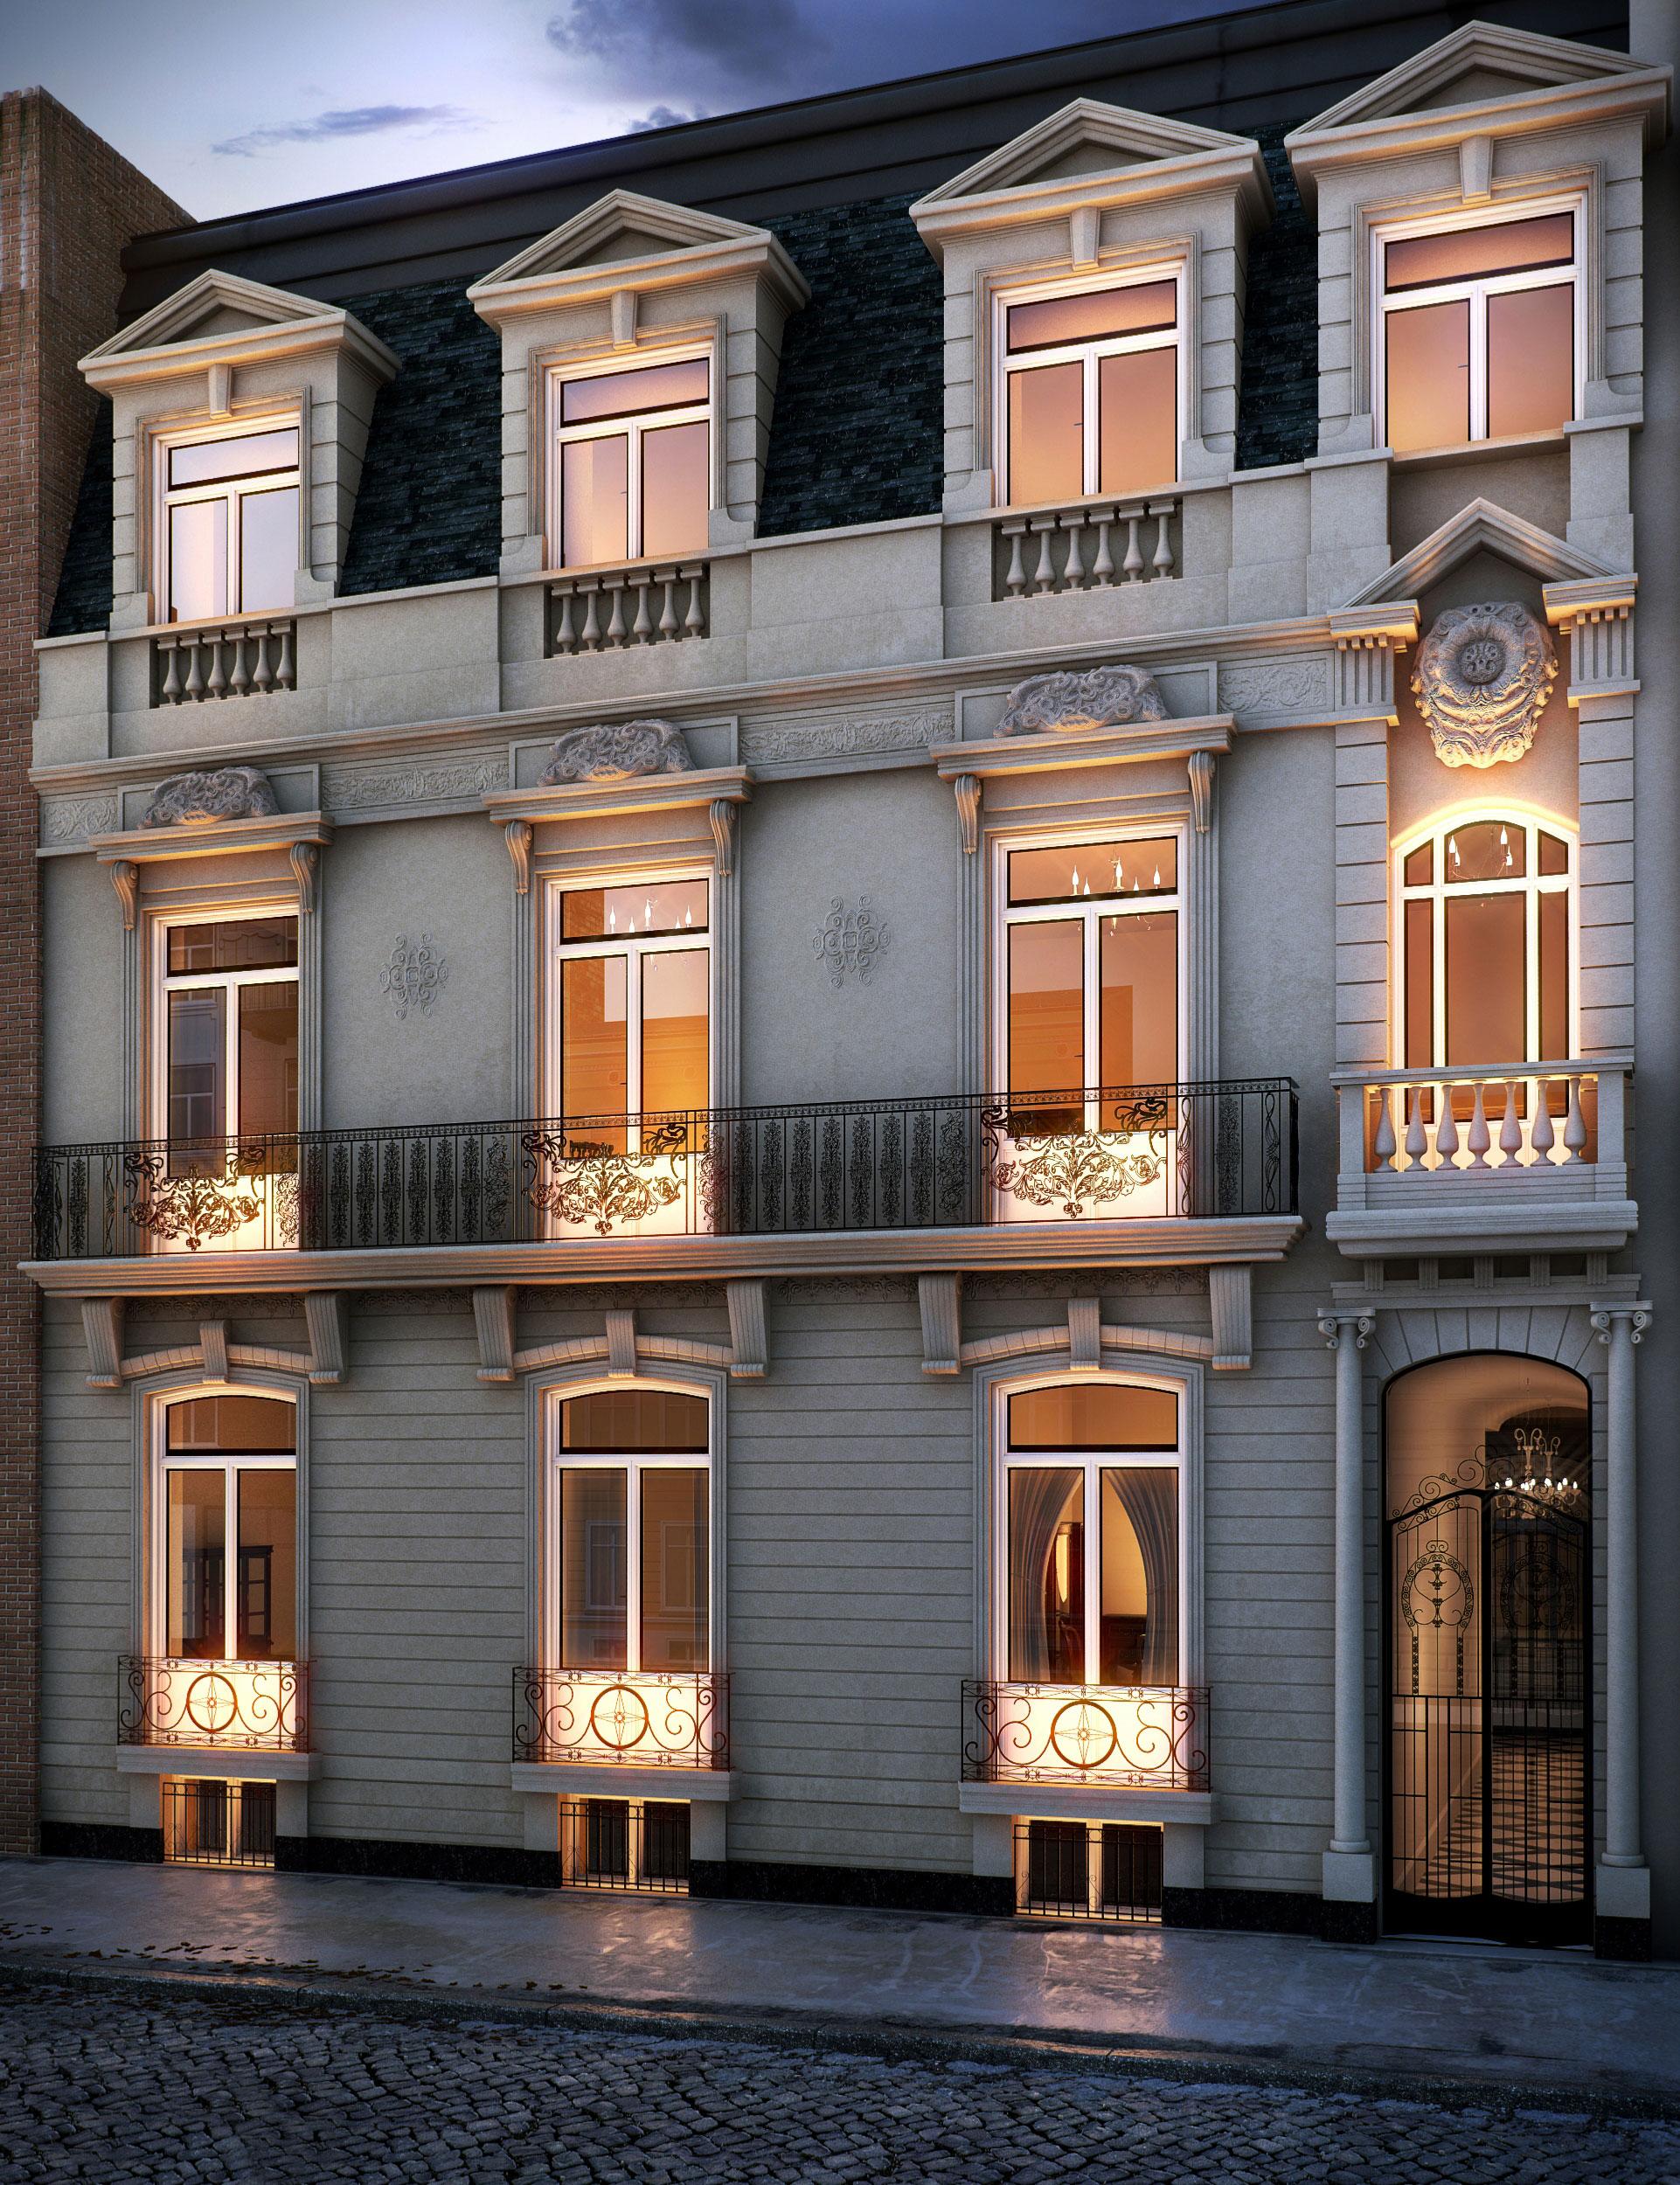 Petit Hotel (2)